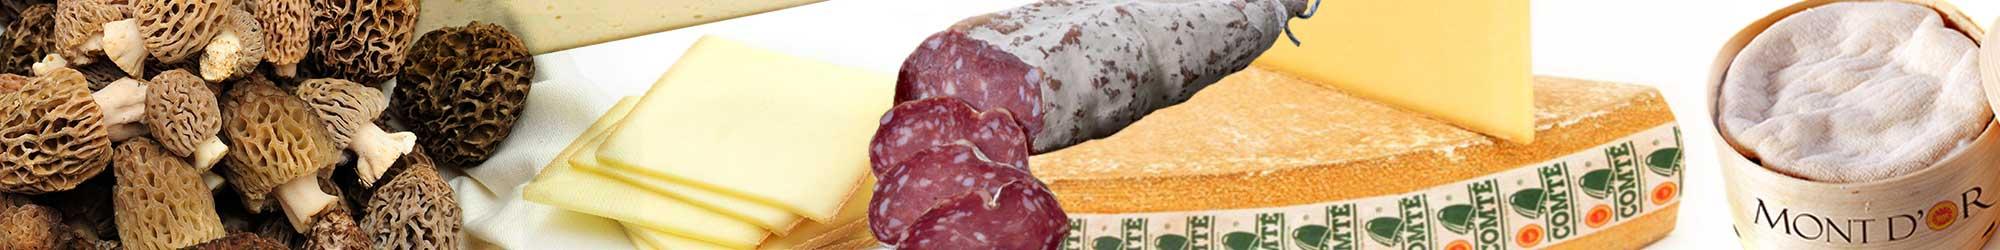 Spécialités du Jura - Morille, Comté et autres produits régionaux du Jura